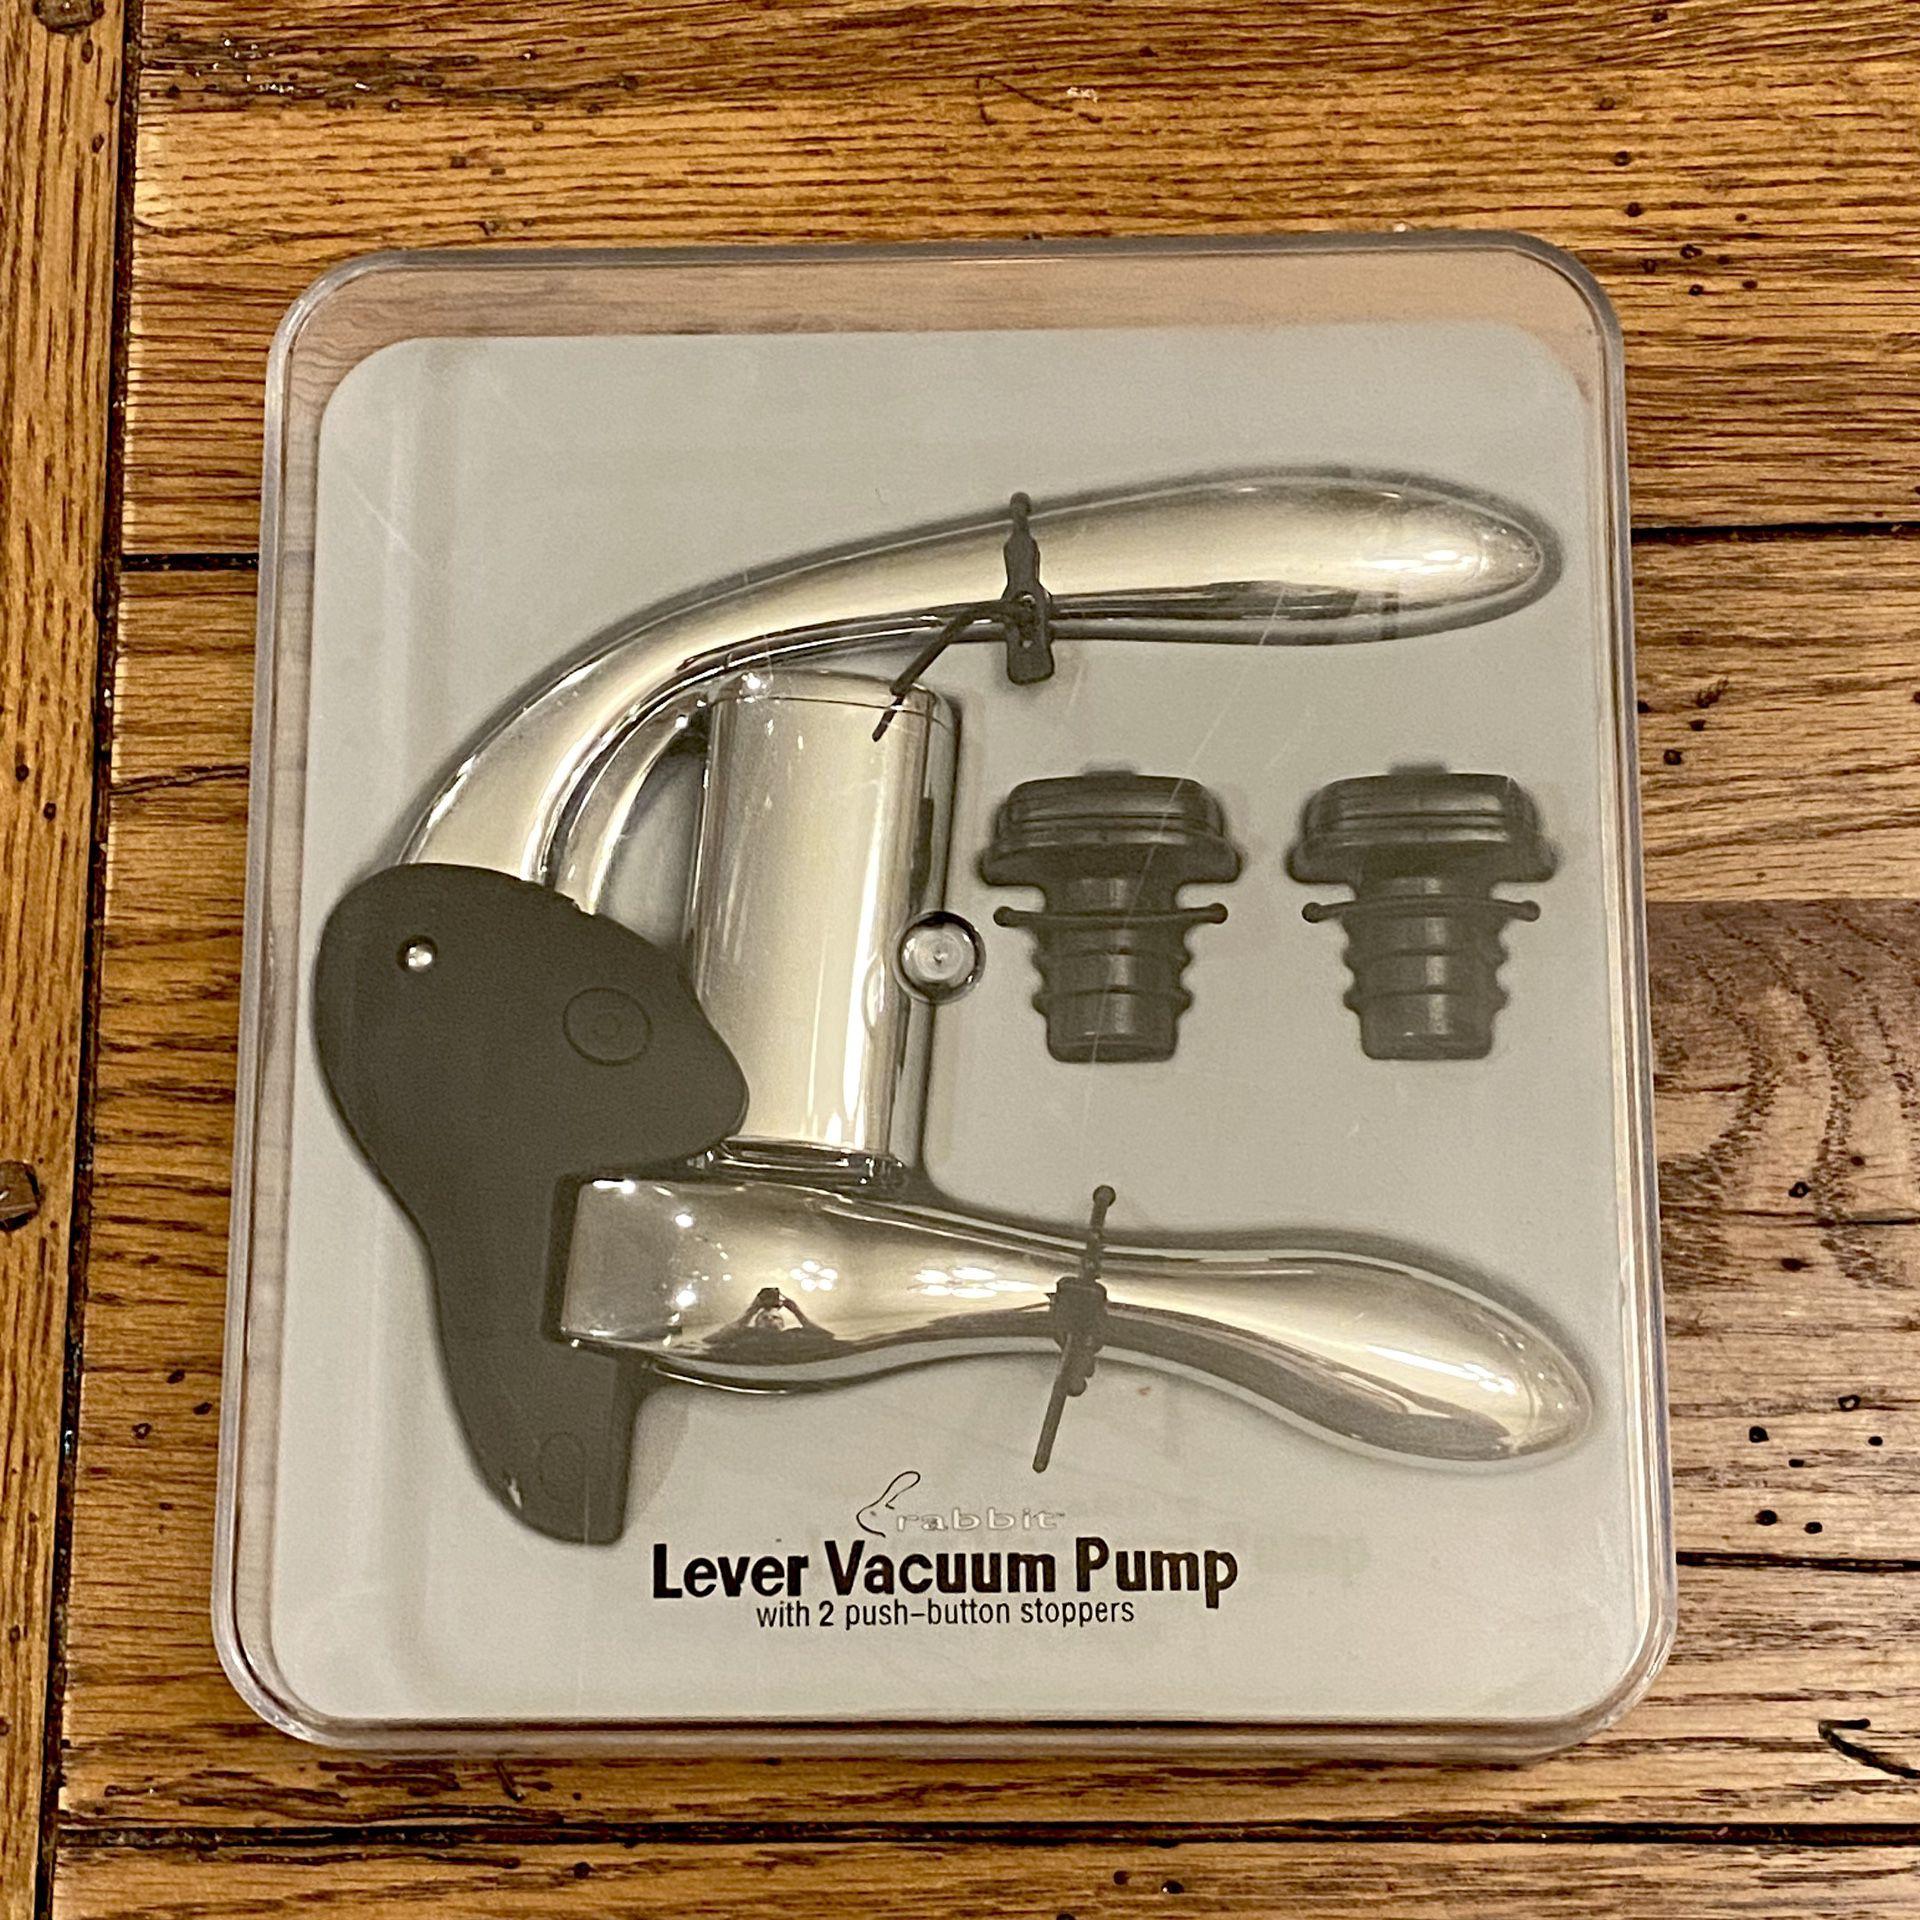 Ultimate Rabbit Lever Vacuum Pump